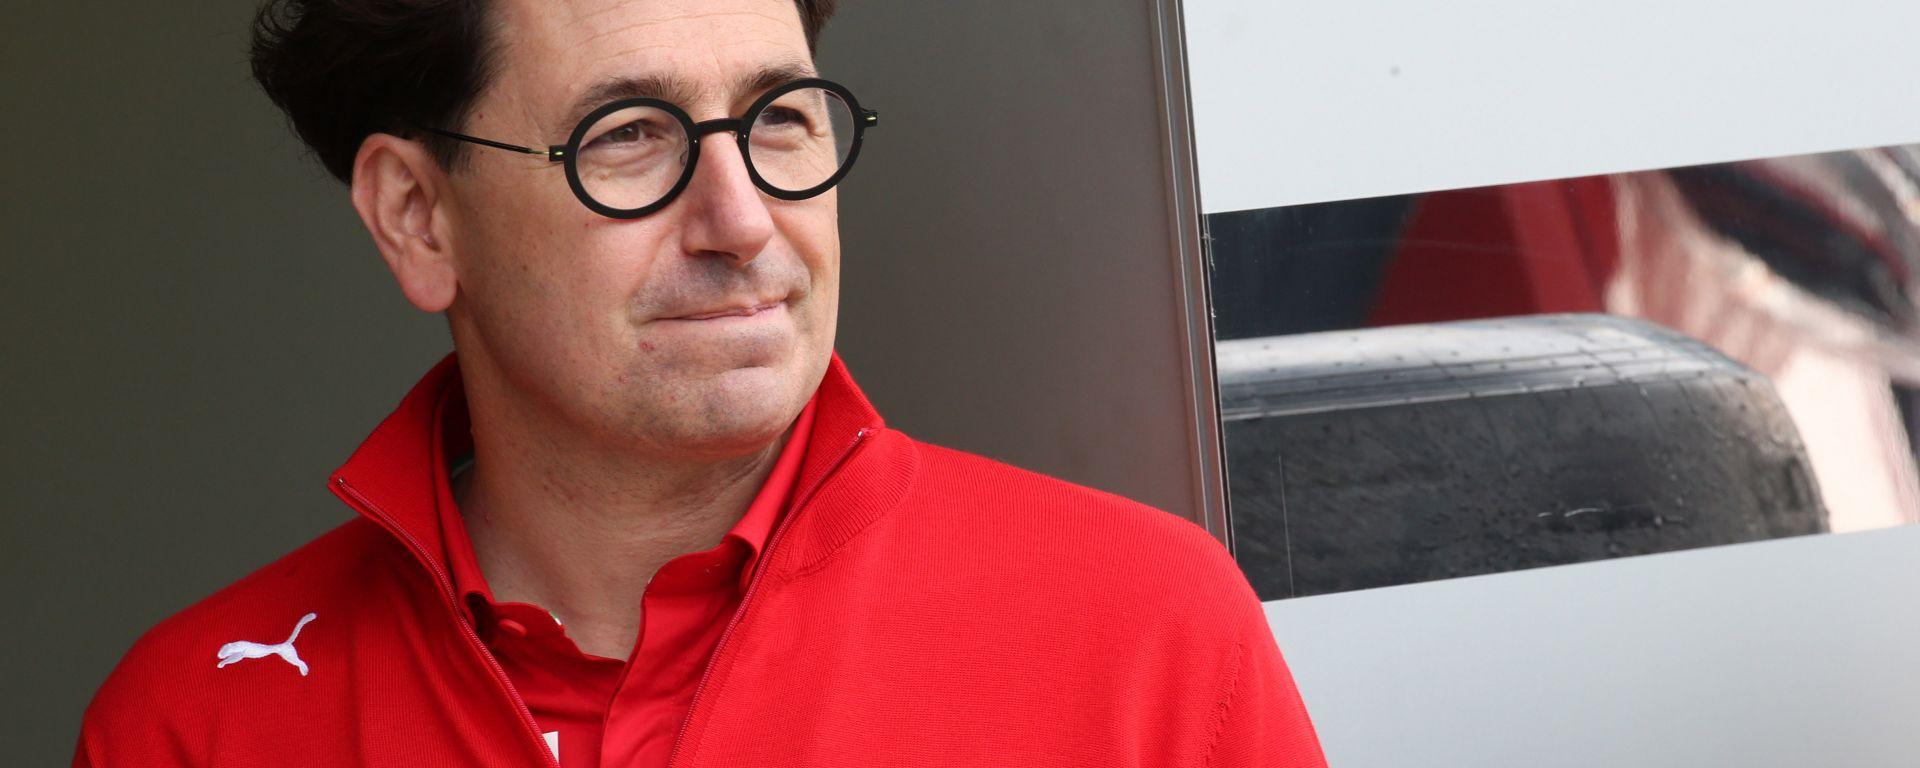 F1 GP Italia 2019, Monza: Mattia Binotto, team principal della Ferrari